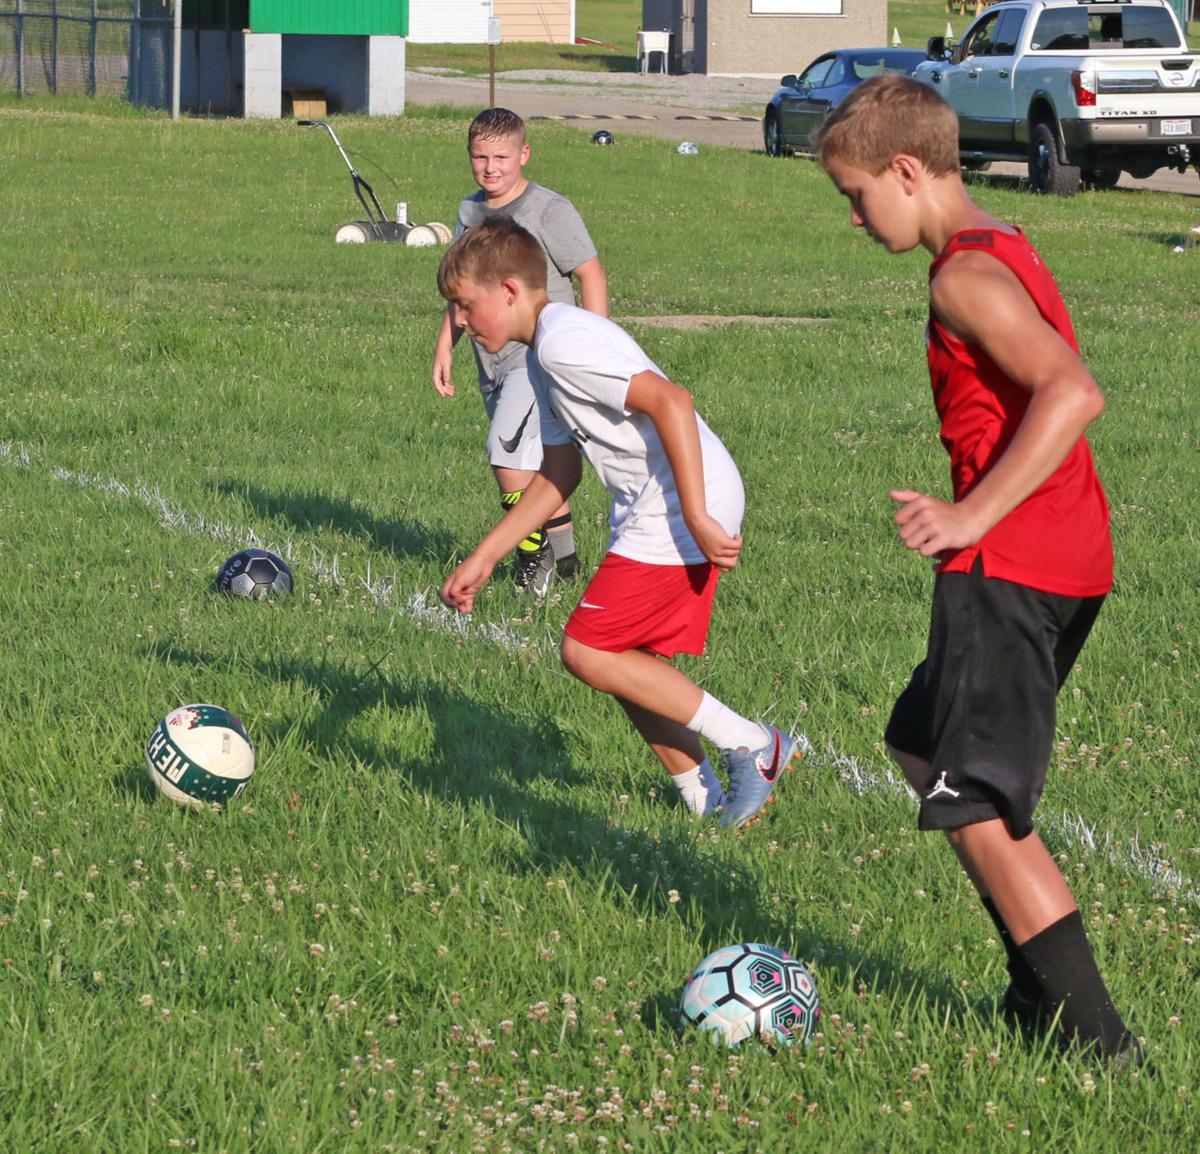 Western soccer - 3 boys